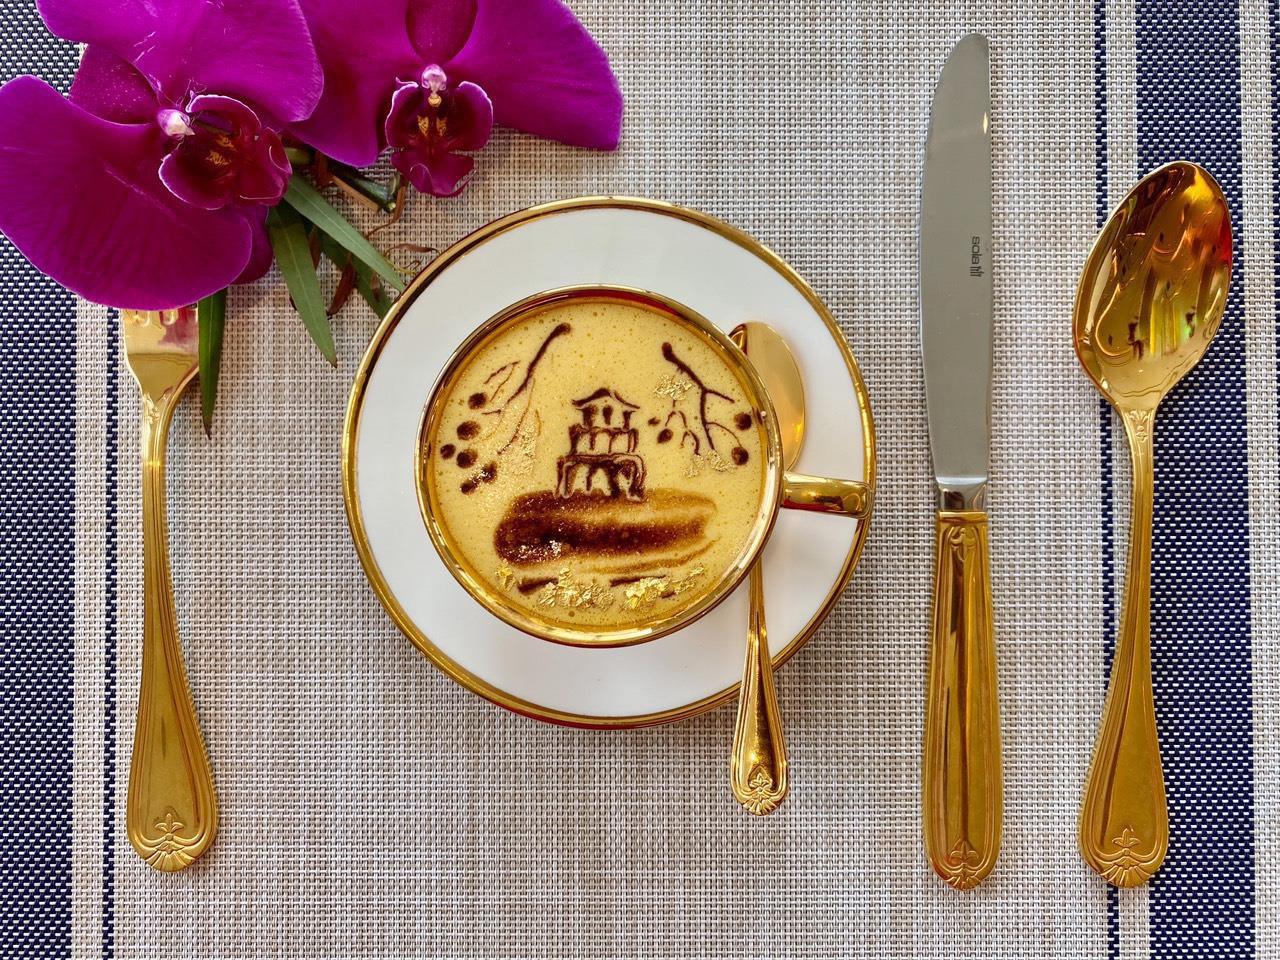 Chương trình khuyến mãi hấp dẫn của khách sạn dát vàng 8 sao Dolce Hanoi Golden lake - Ảnh 3.